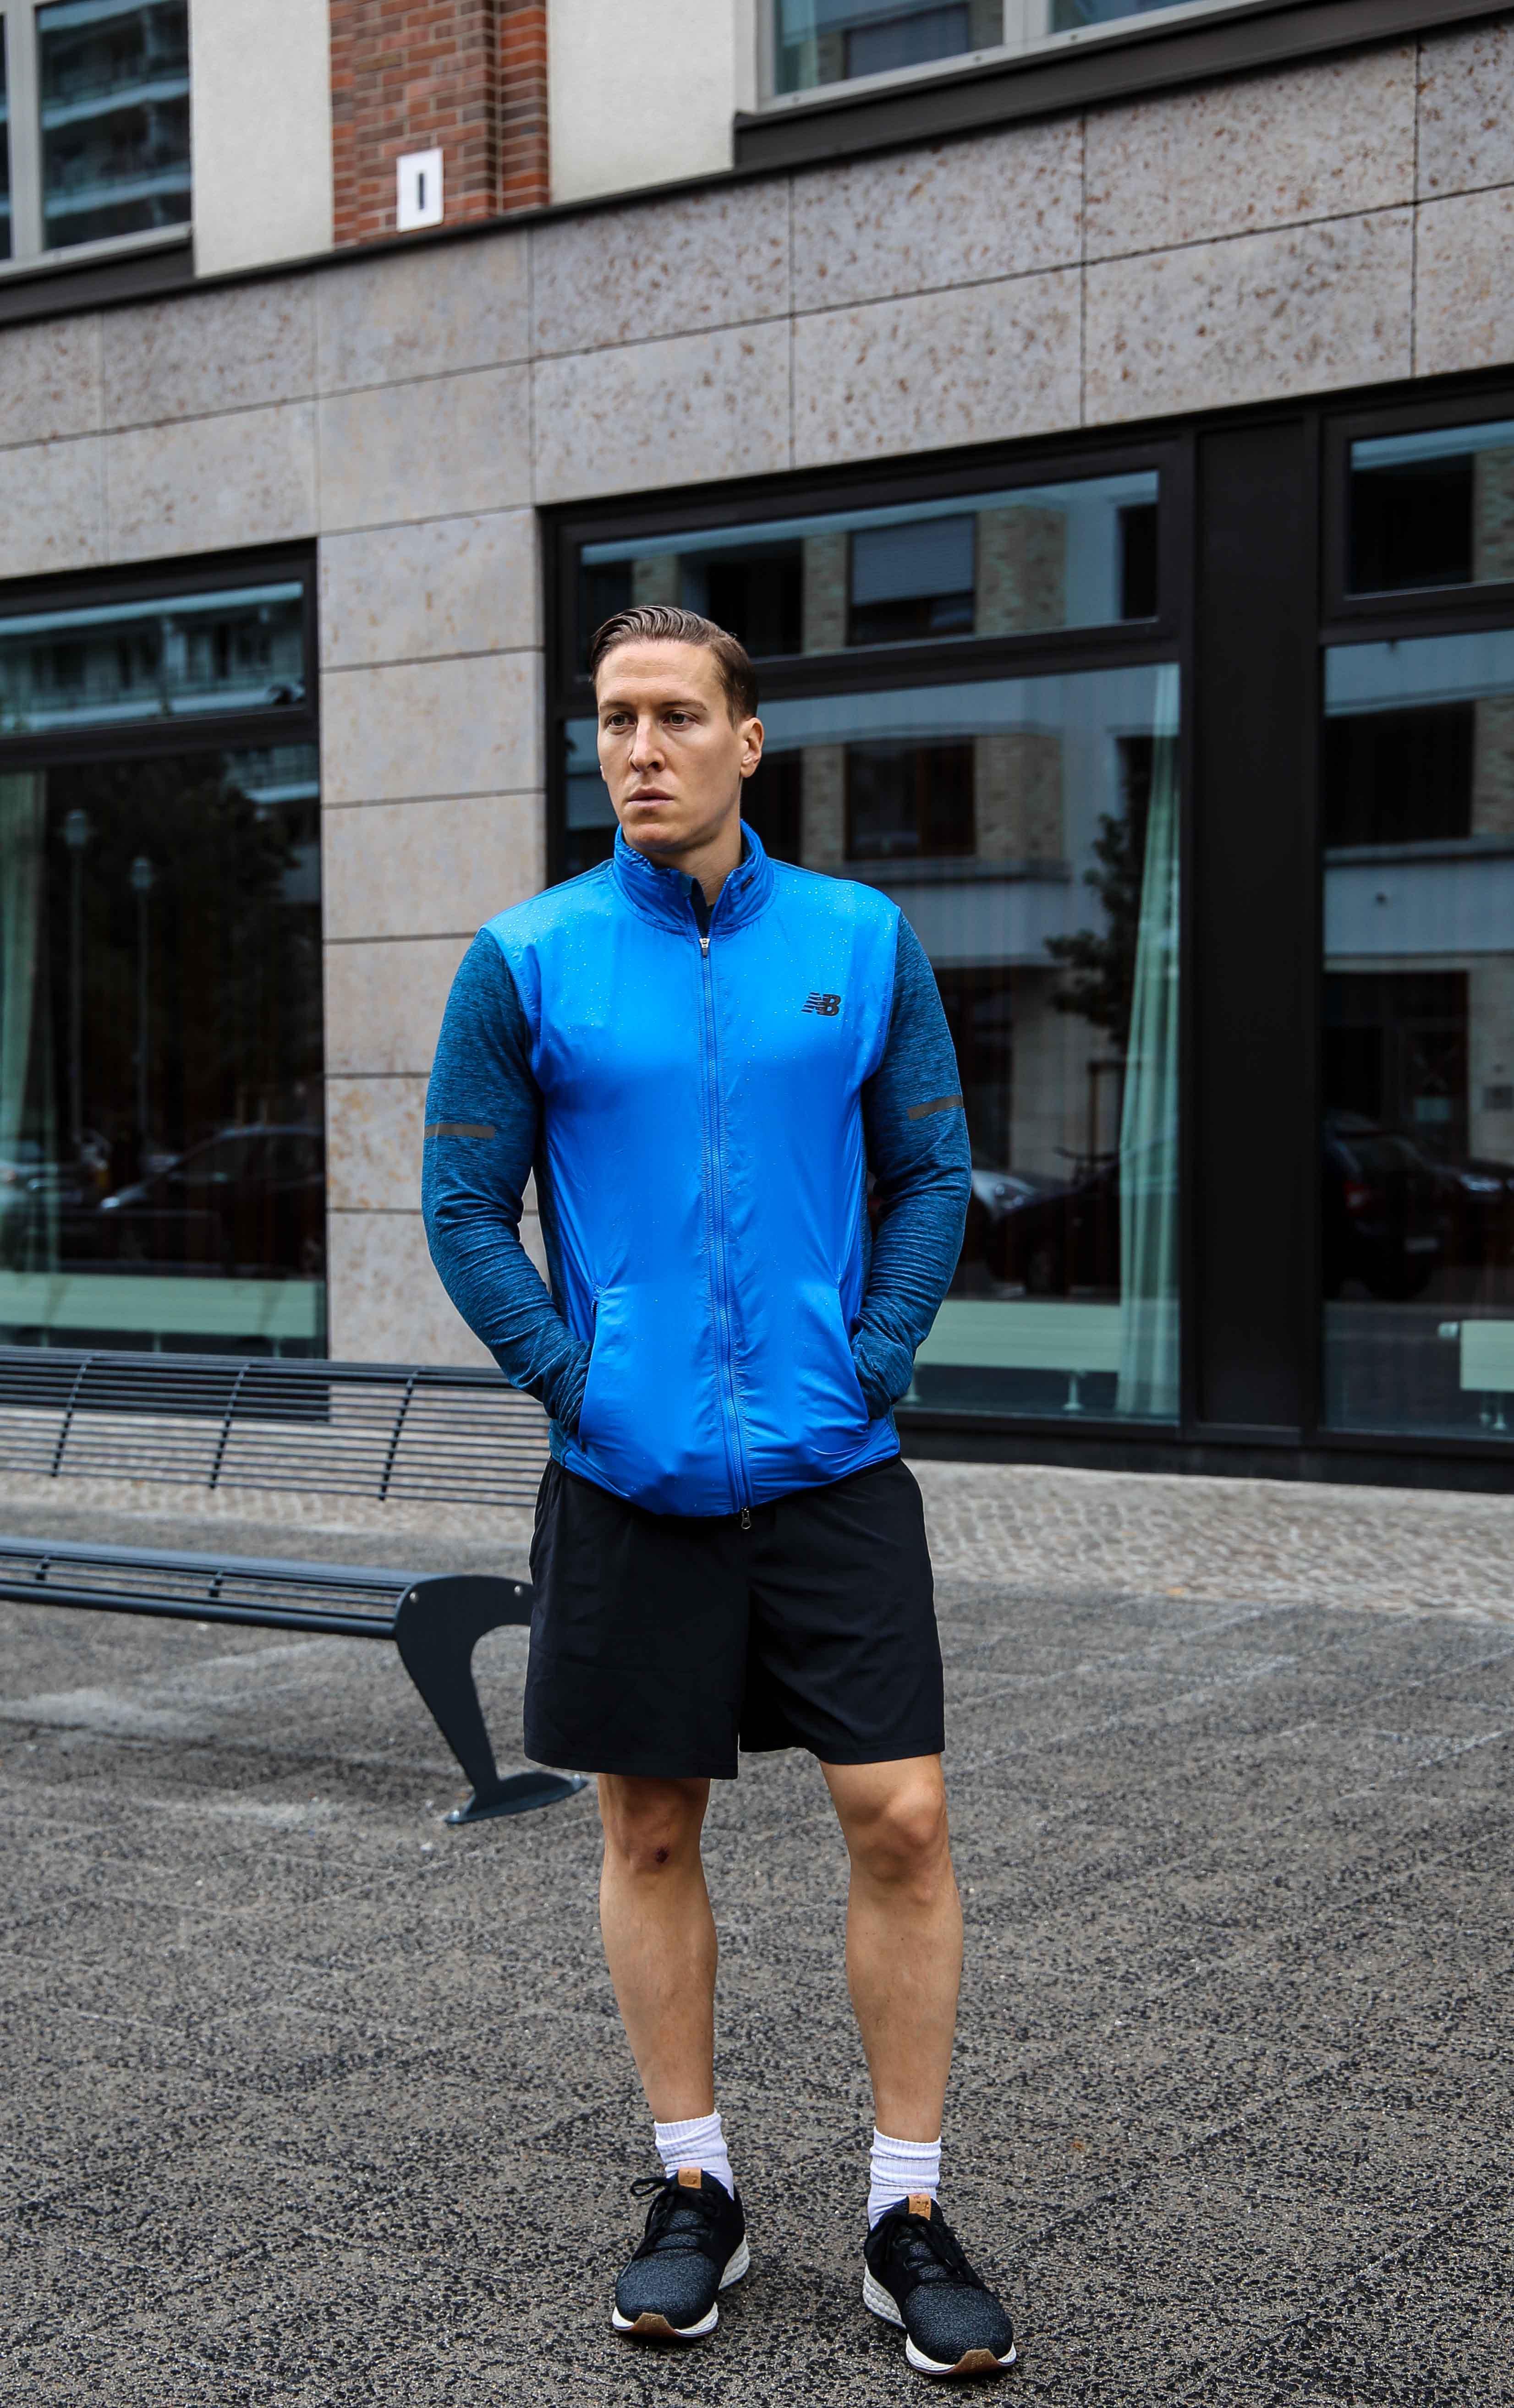 hiit-abnehmen-fettabbau-fitness-blog-sport-berlin-tipps_0289